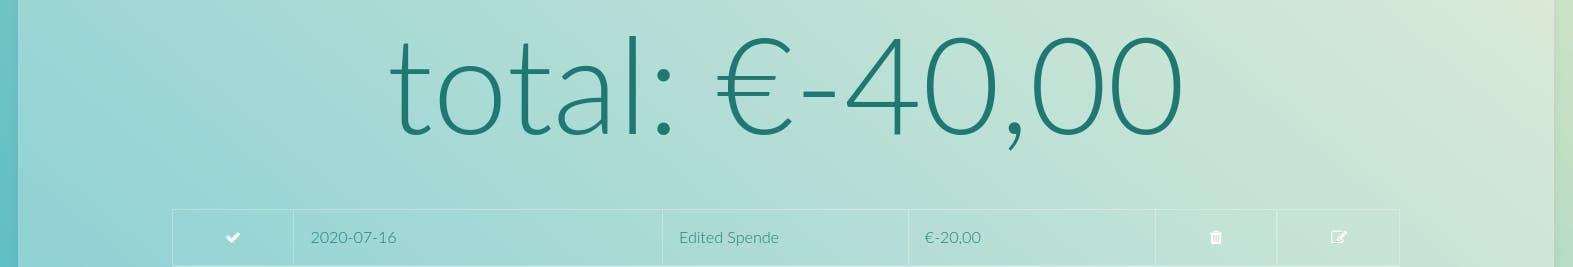 Screenshot_2020-07-16 Spende App List tittle Edit(2).png